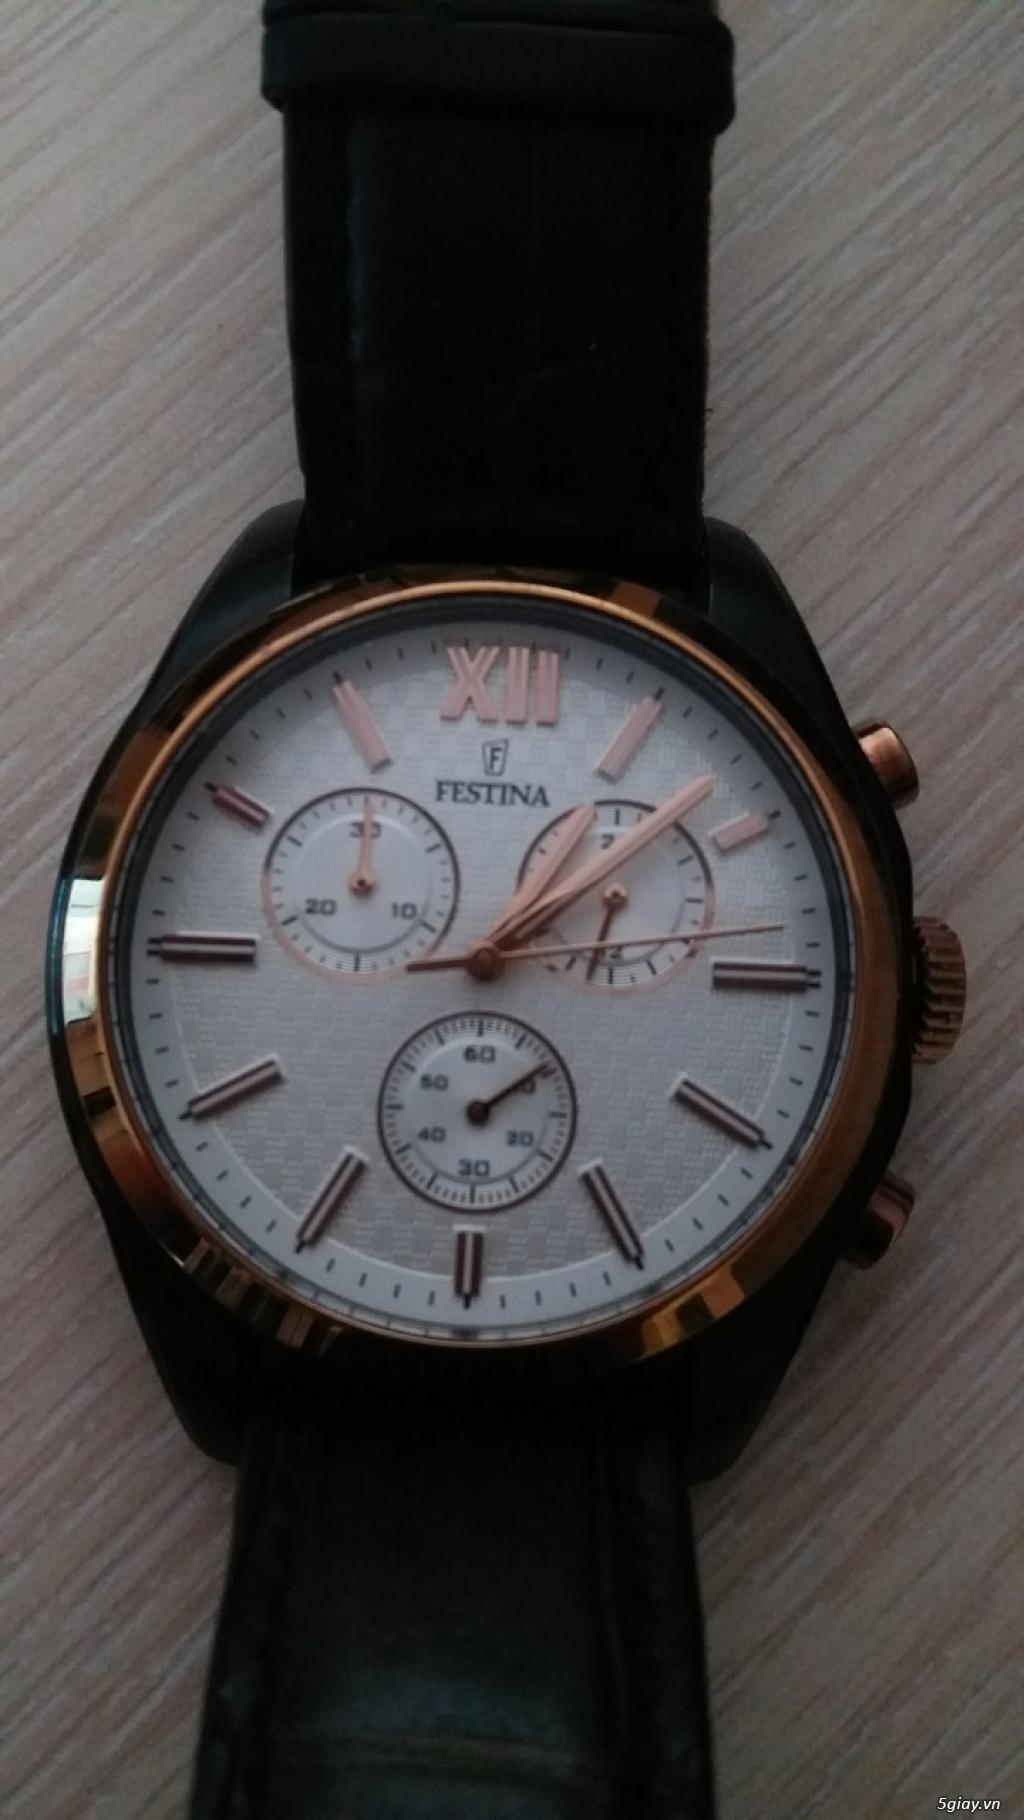 Cần bán đồng hồ Tây ban Nha Festina F16861,chính hãng - 3